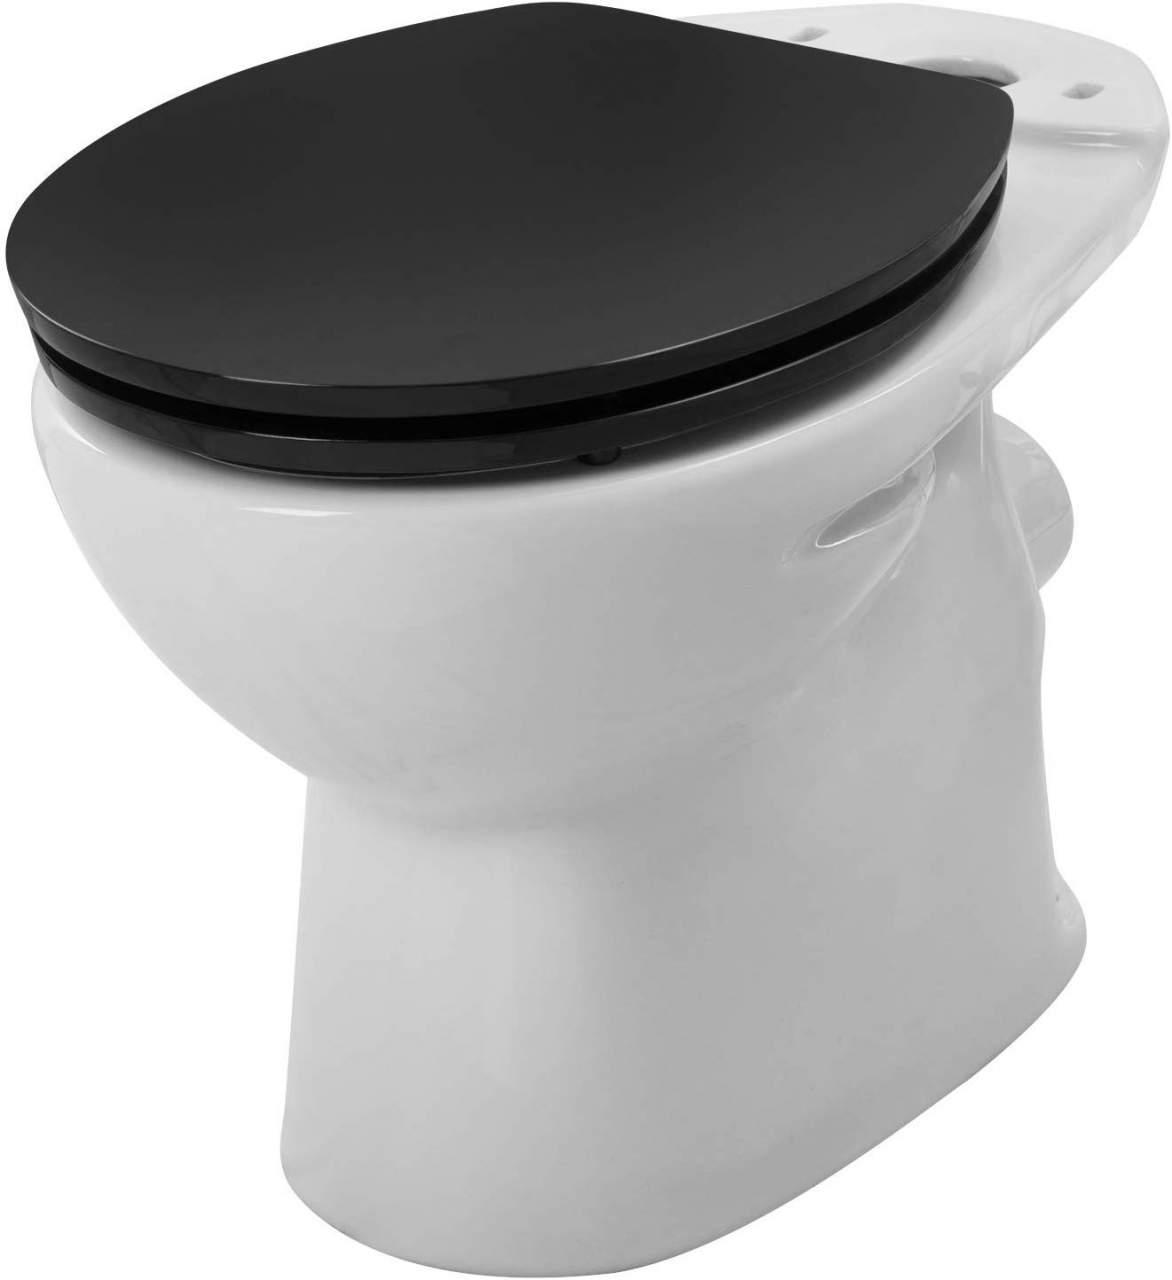 WC-Sitz aus MDF, mit Absenkautomatik, Schwarz   Woltu.eu